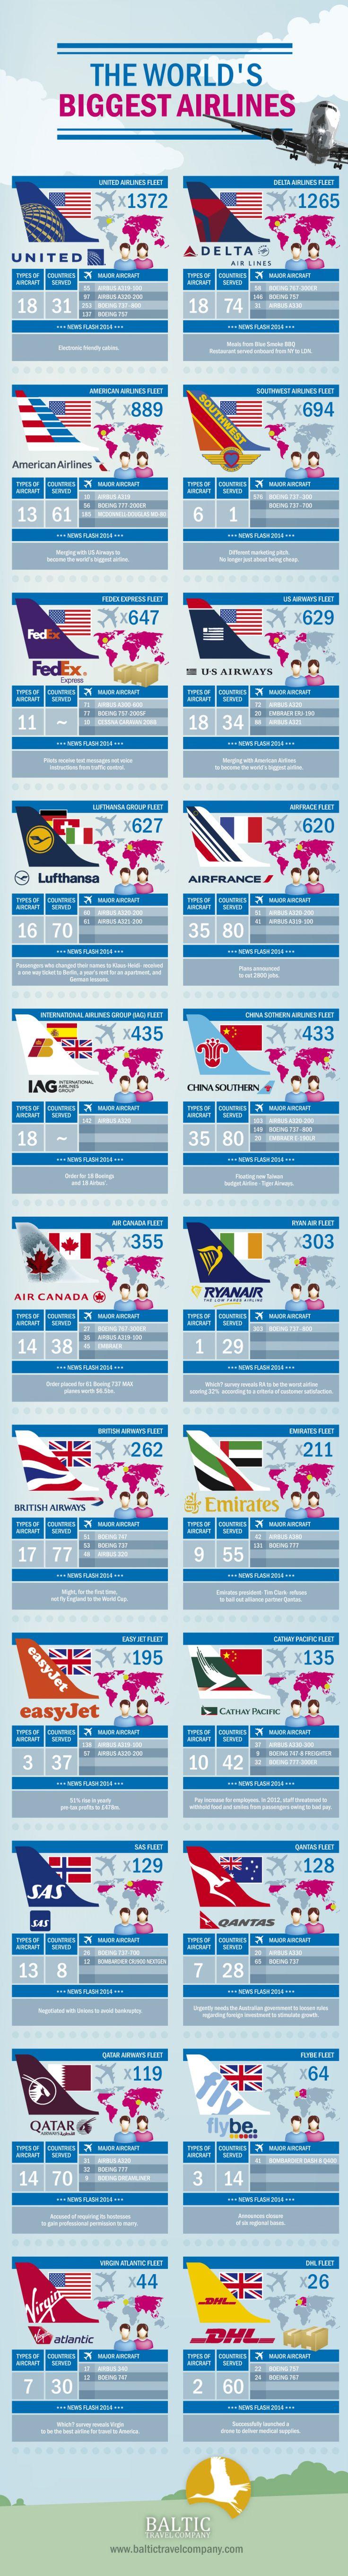 22 de las mas grandes aerolineas respecto a la cantidad de aviones.